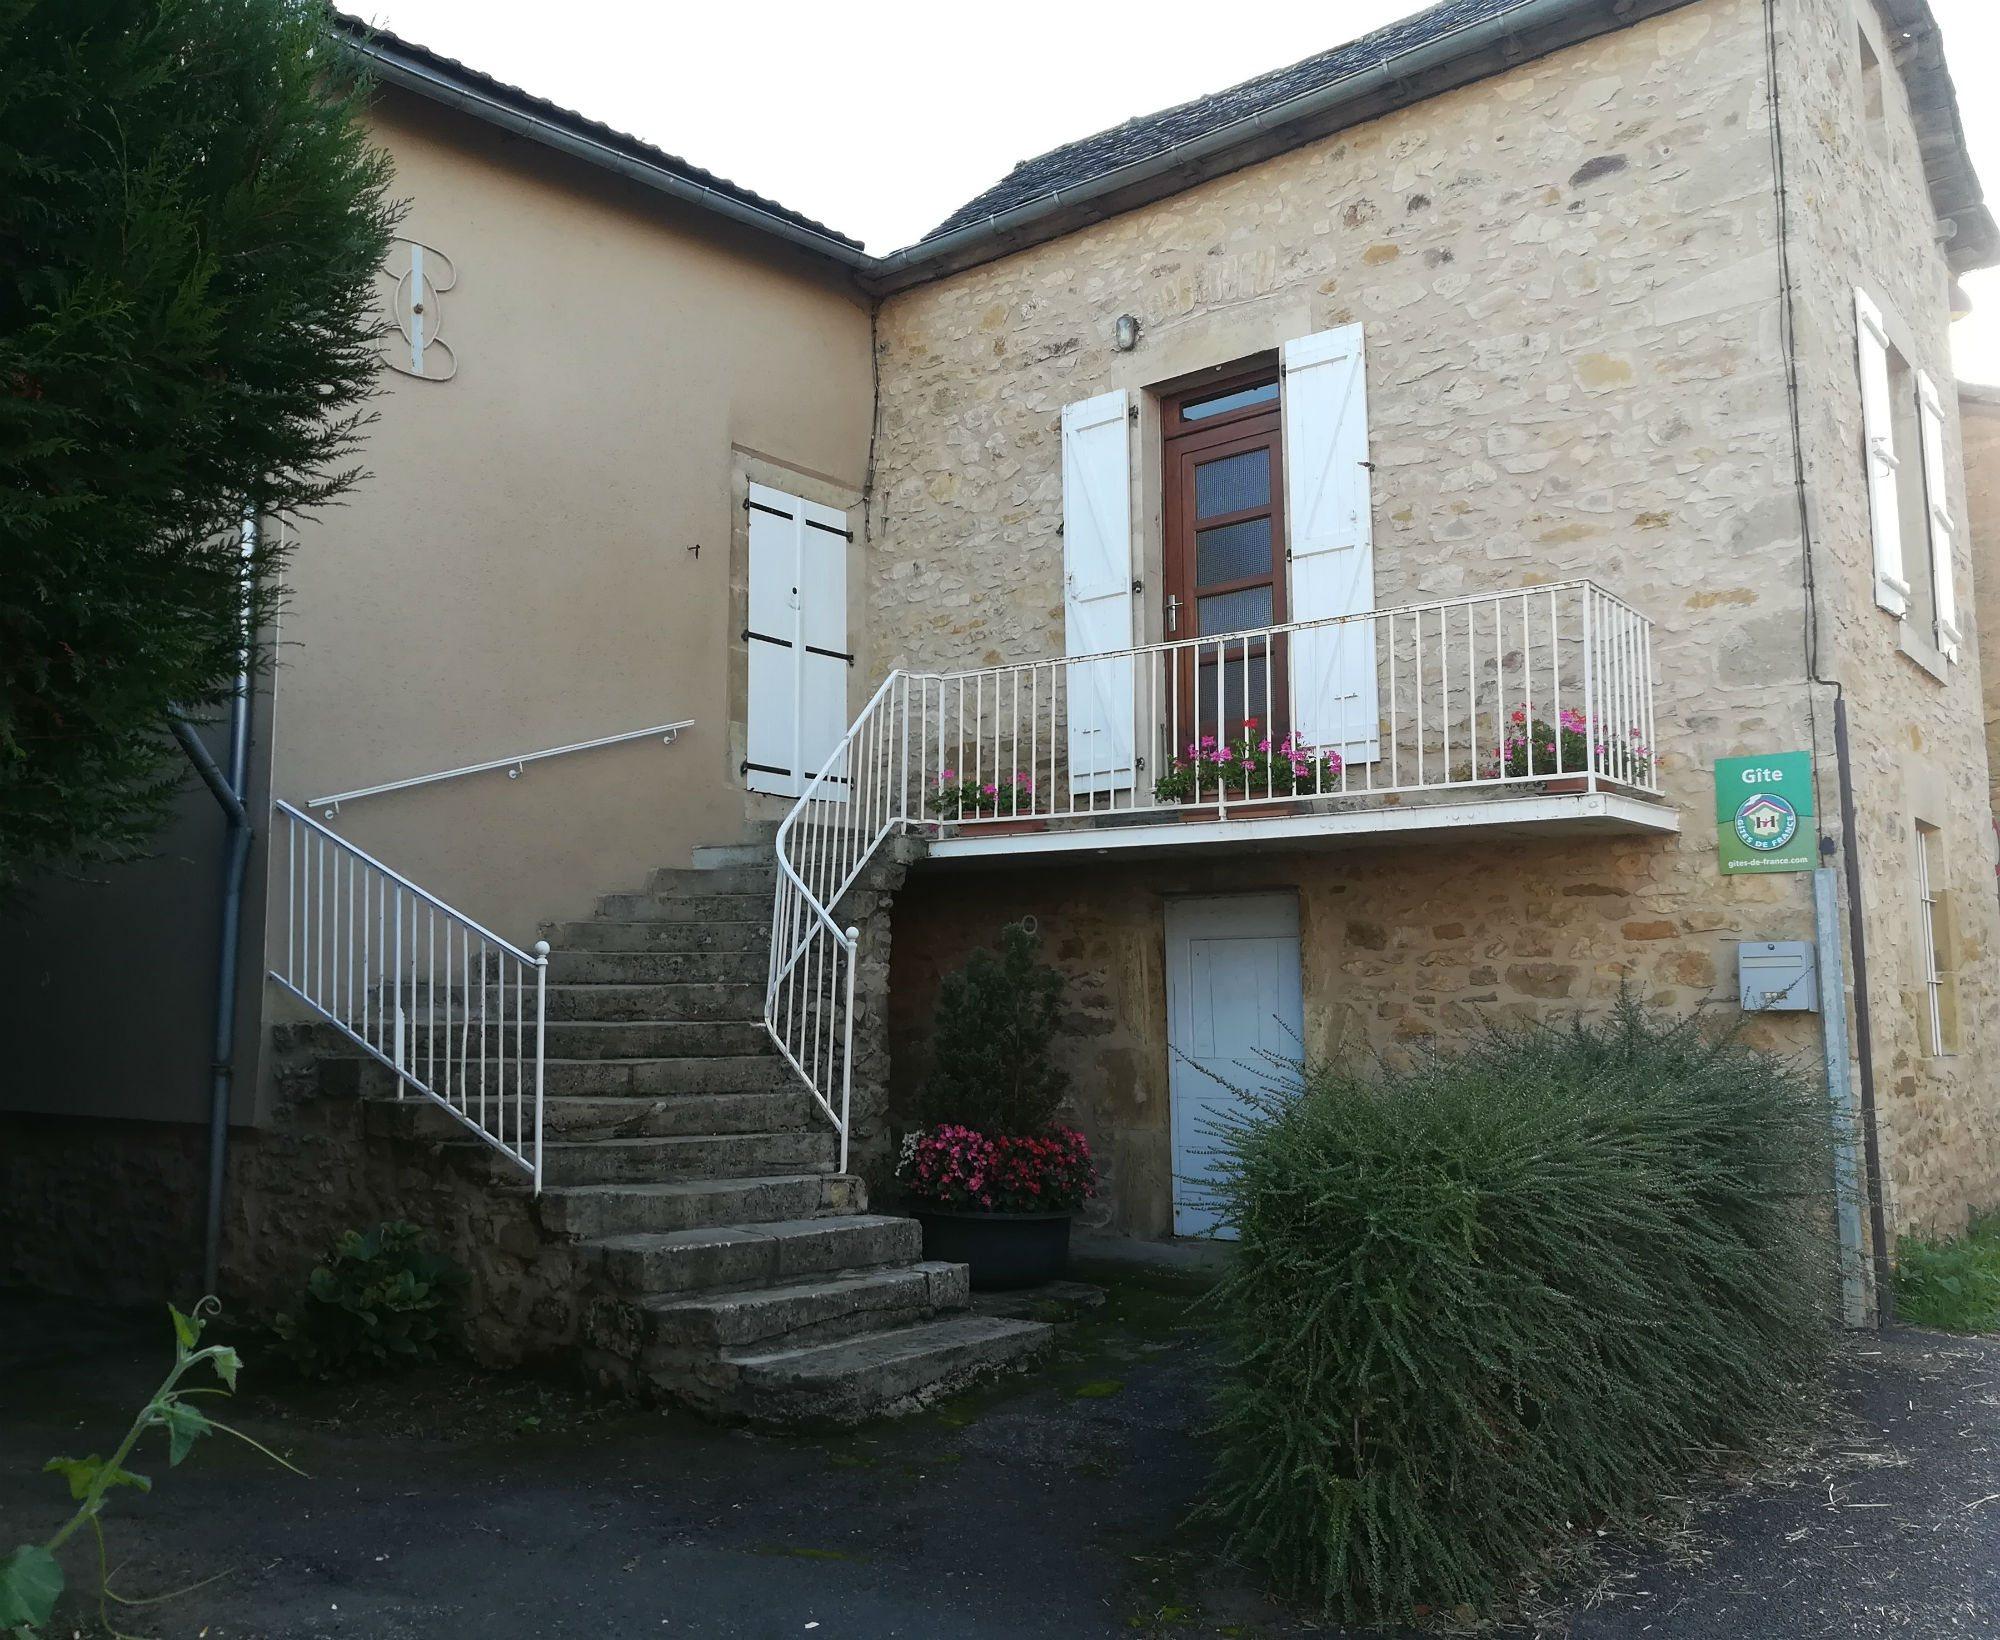 Jacques soulie gc63 tourisme aveyron - Office de tourisme aveyron ...